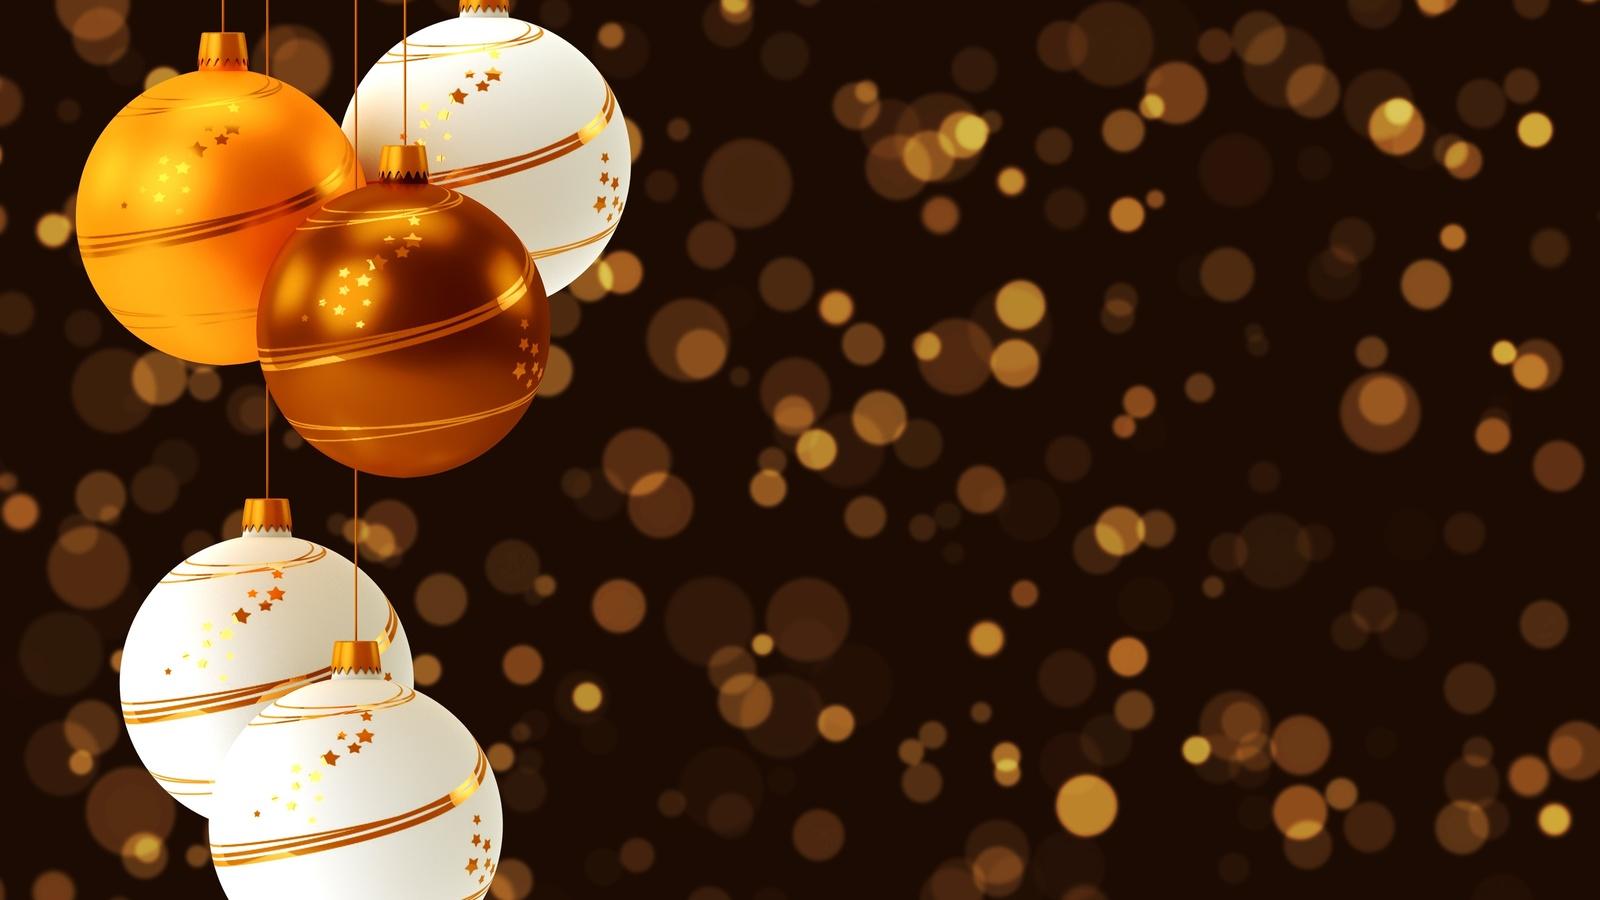 шары, украшения, елочные, огни, новый год